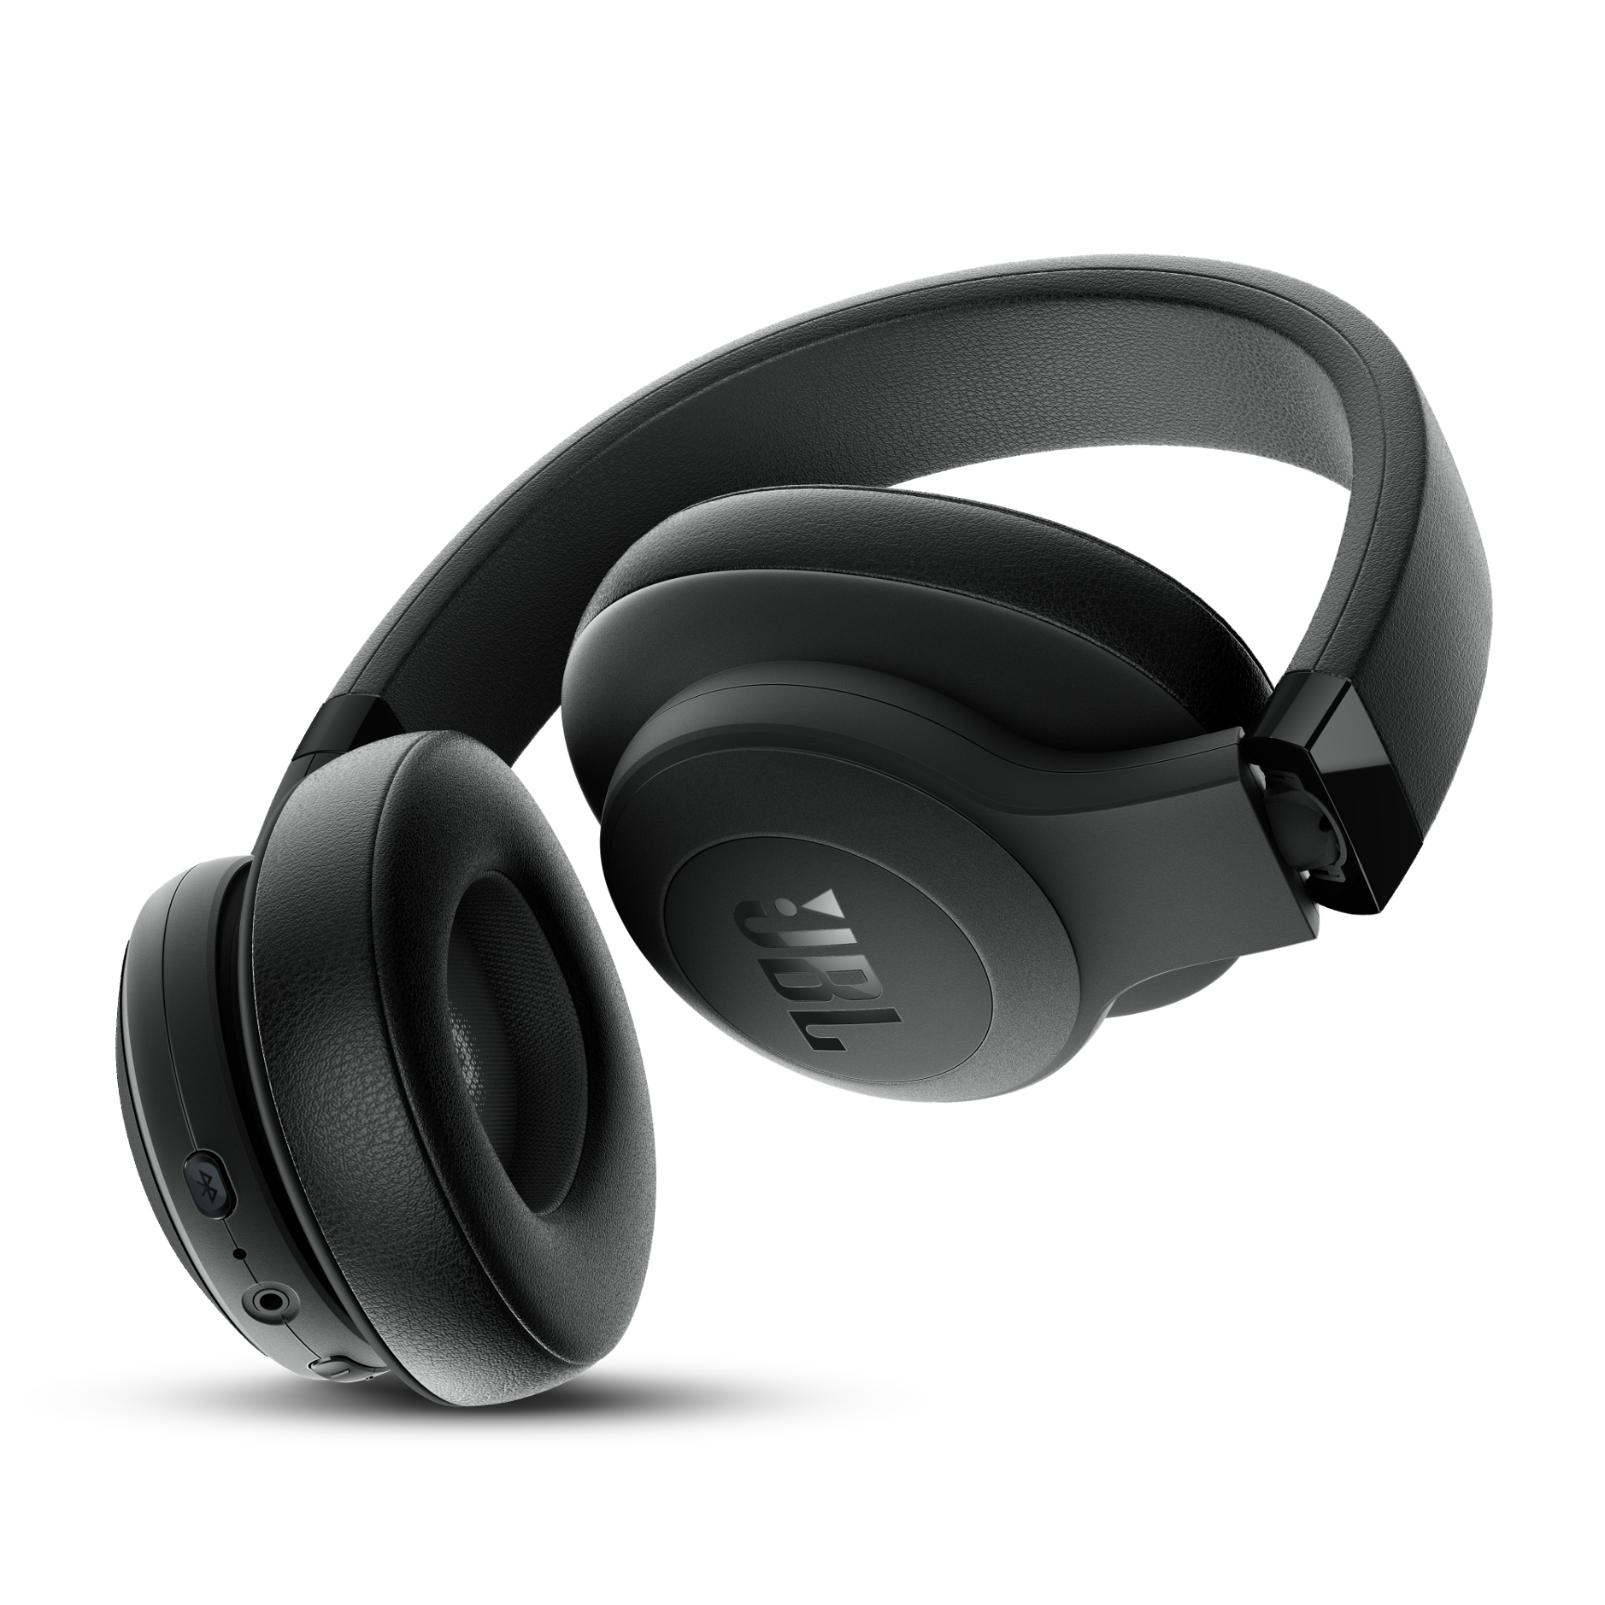 JBL E500BT - Black - Wireless over-ear headphones - Back